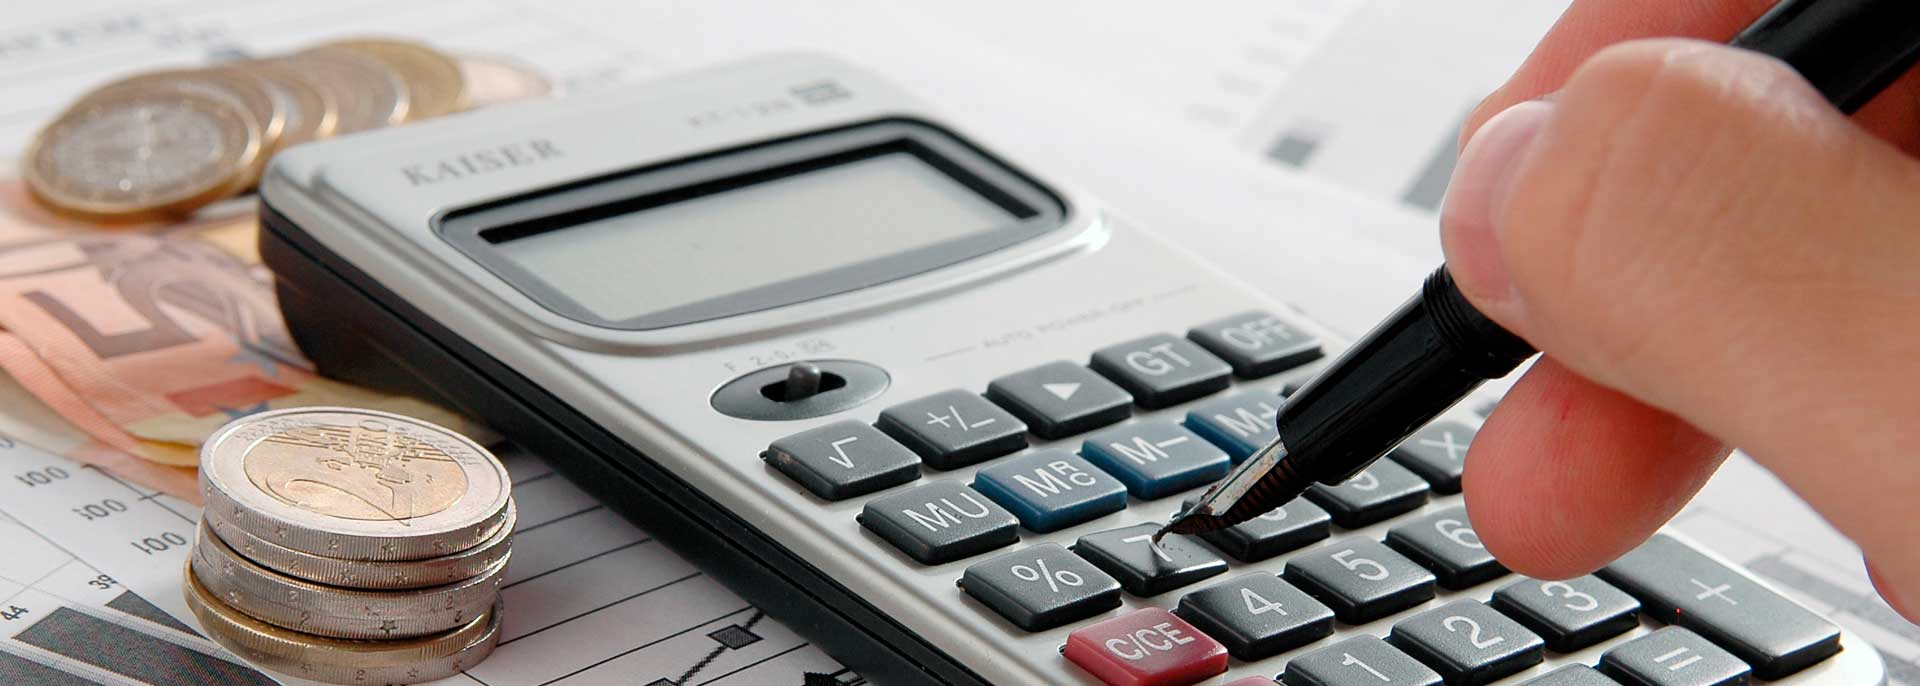 юридические консультации налоги